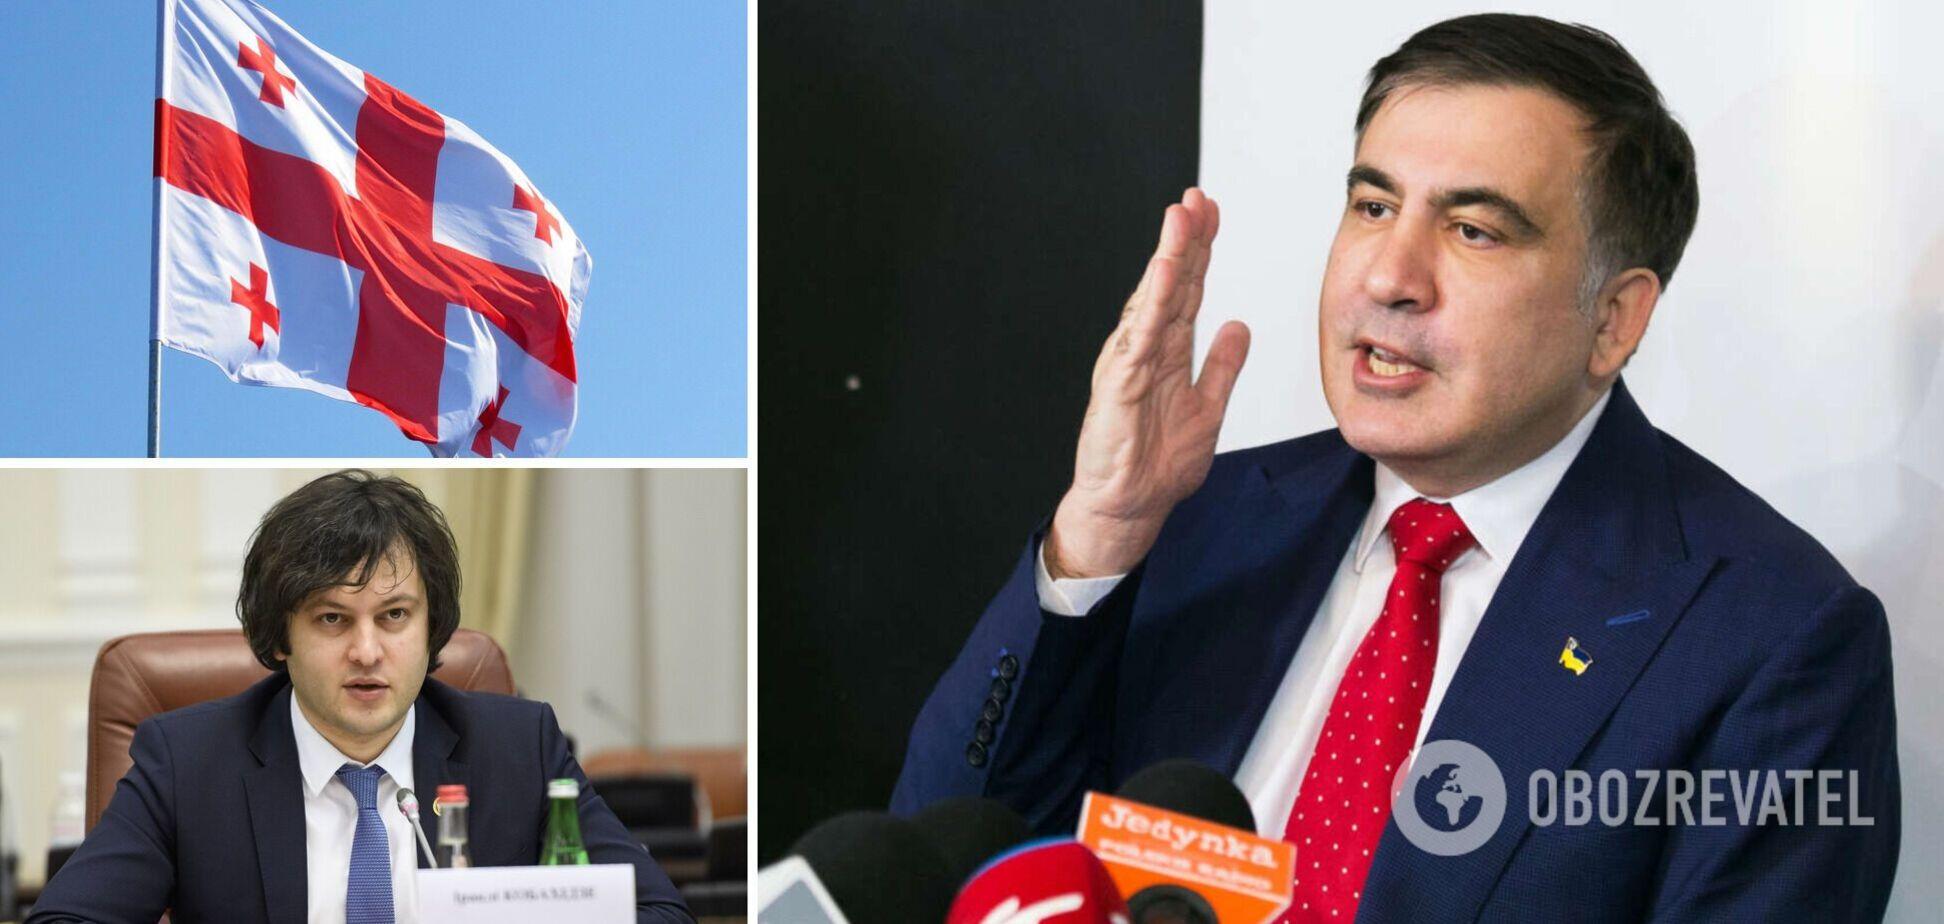 У Грузії заявили, що Саакашвілі хотів 'влаштувати держпереворот'